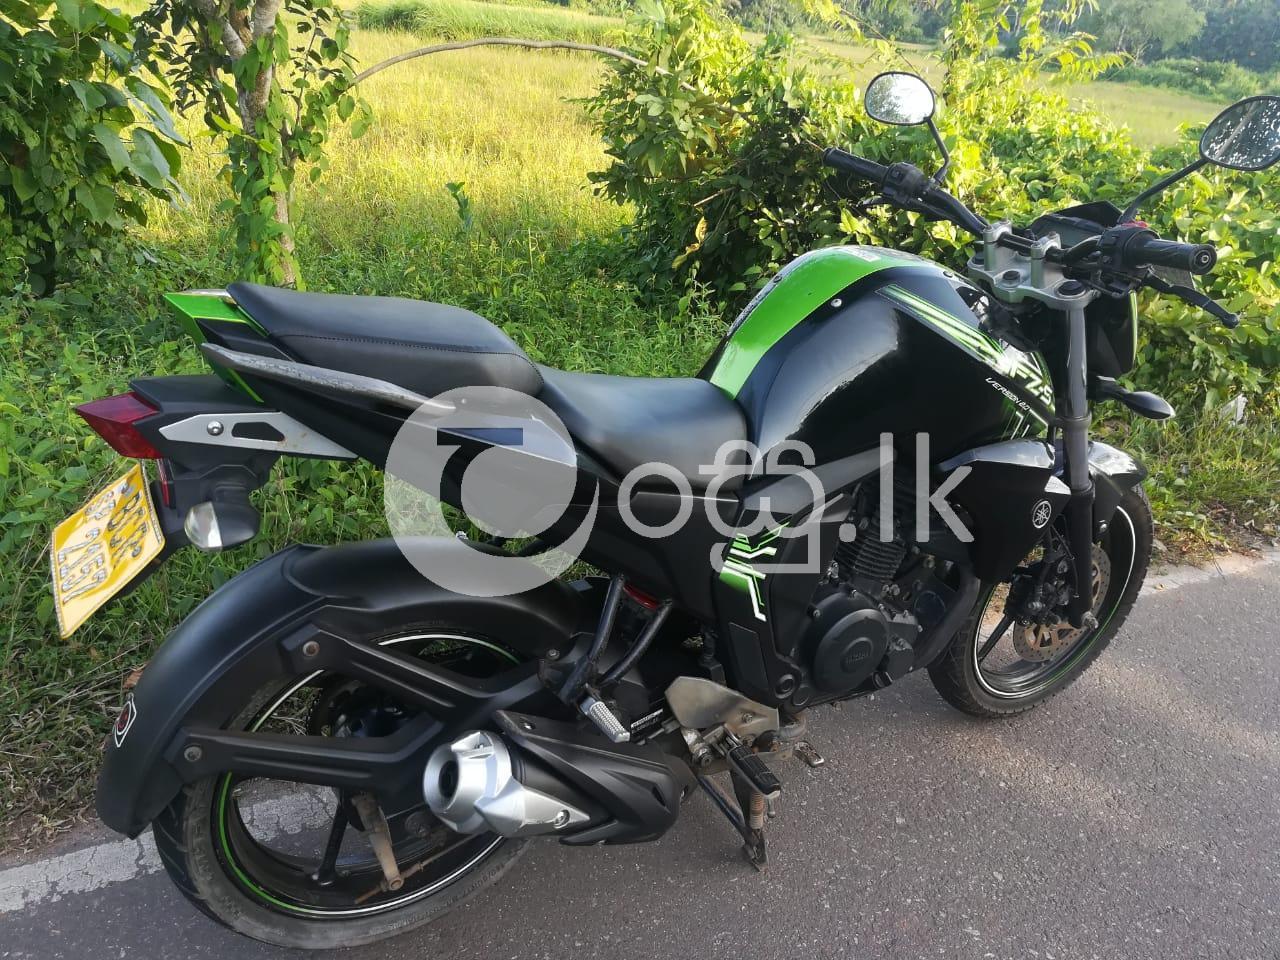 Yamaha Fz 2015 Motorbikes & Scooters in Delgoda